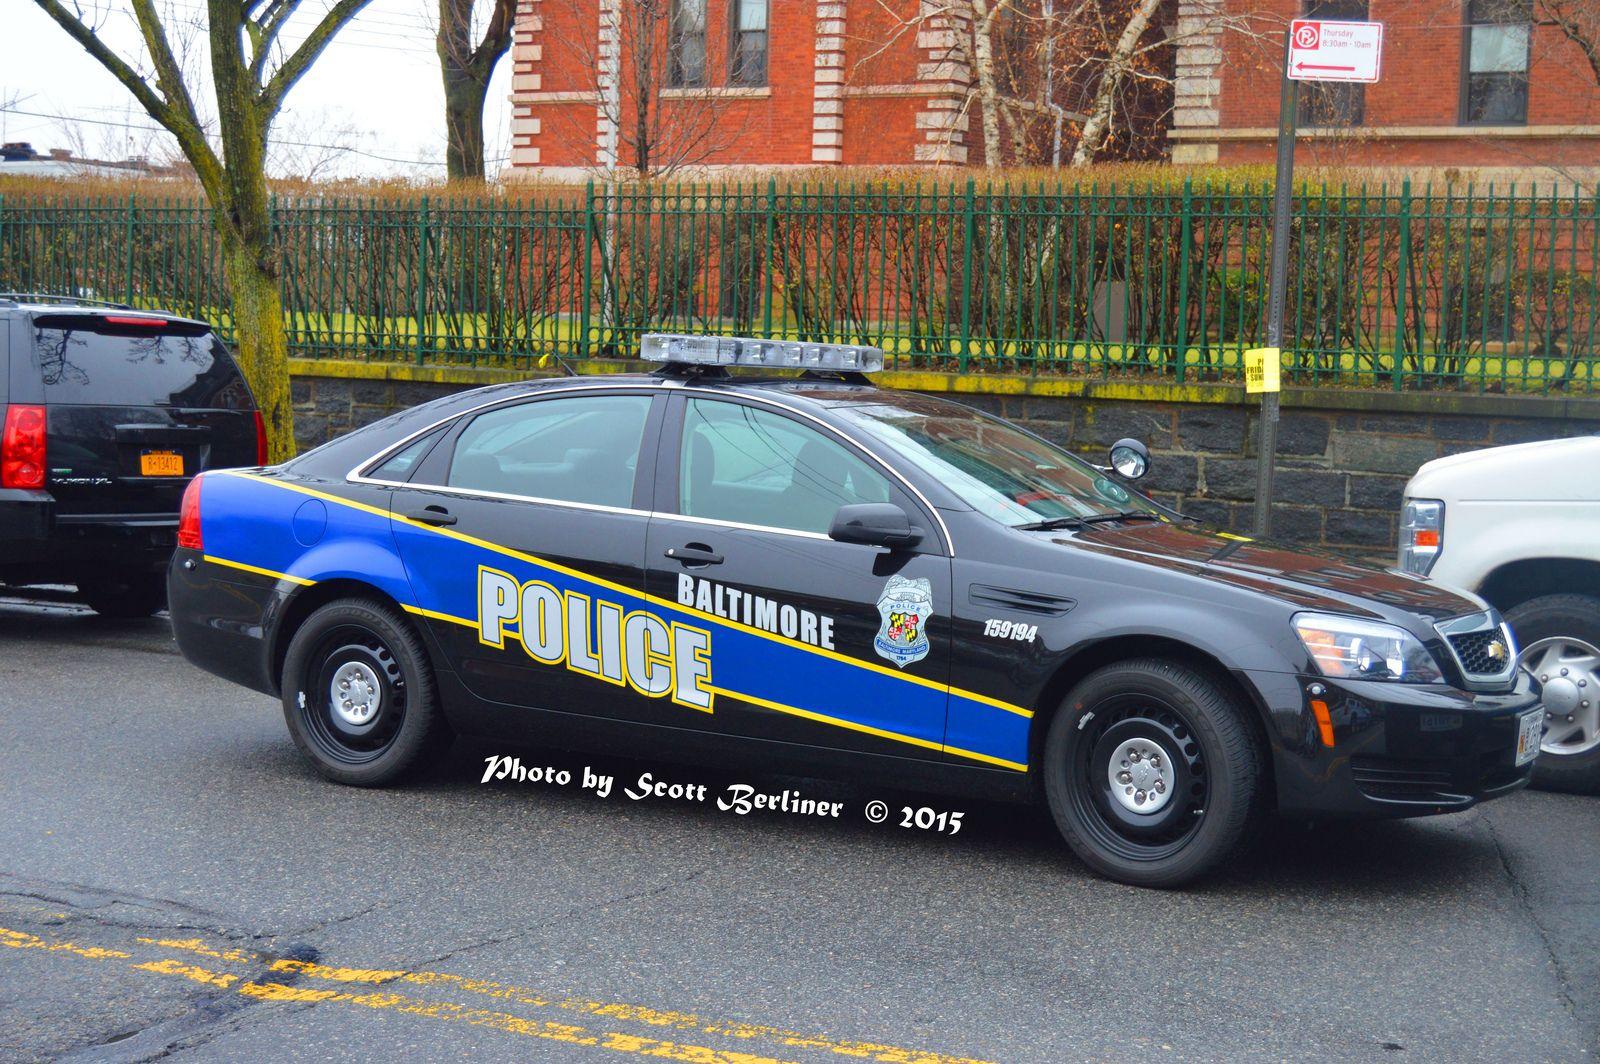 Baltimore Md Police 159194 Police Cars Police Baltimore Police